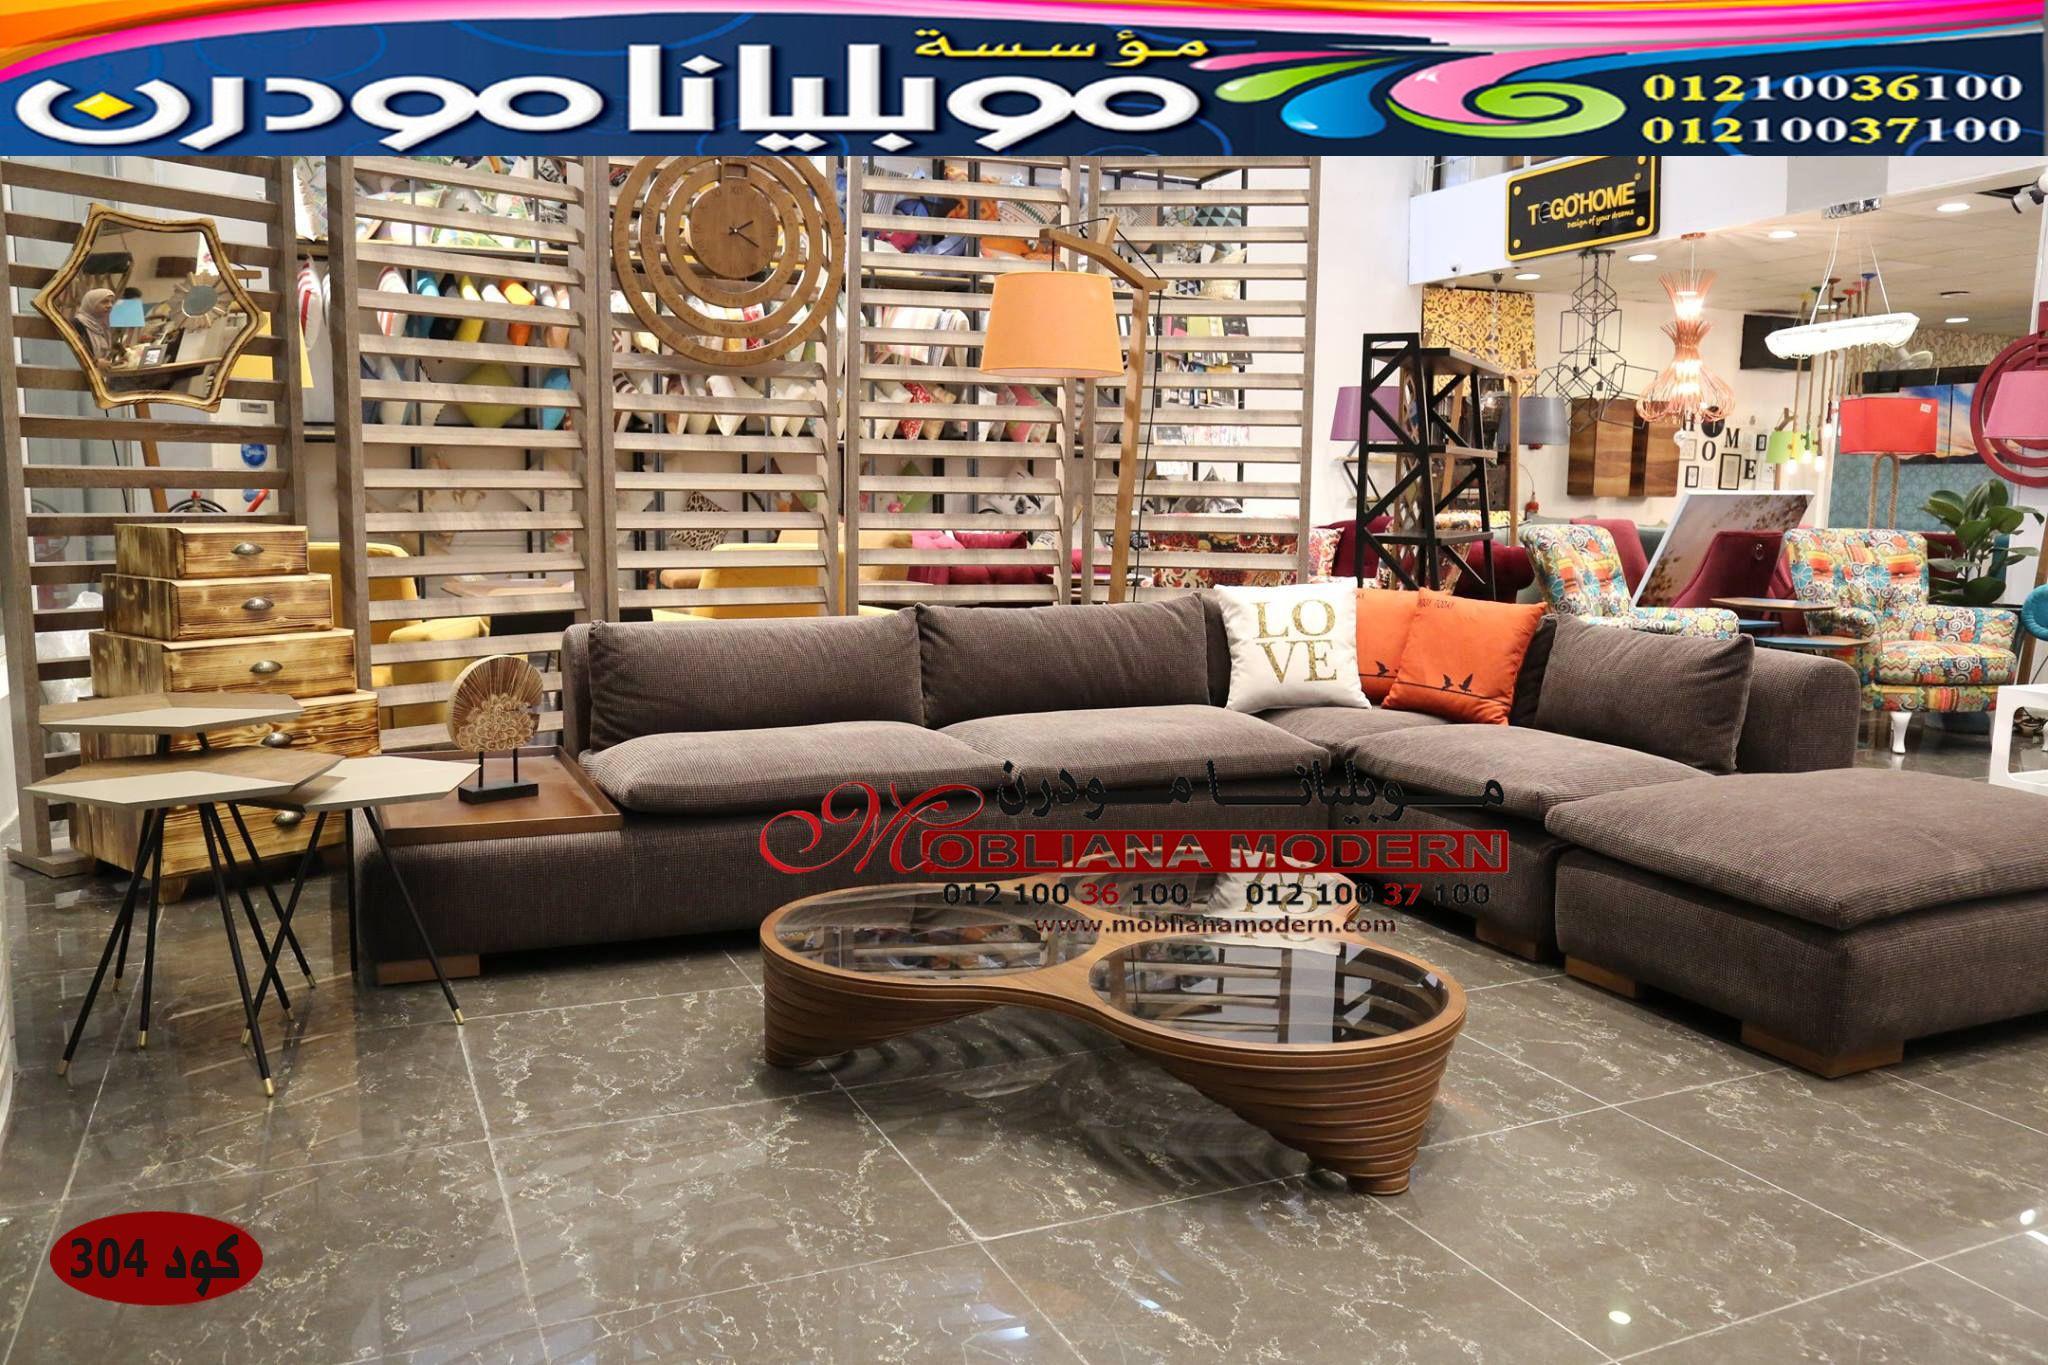 احدث صور الركنات سامح العوضي للاثاث المودرن Sectional Couch Decor Home Decor